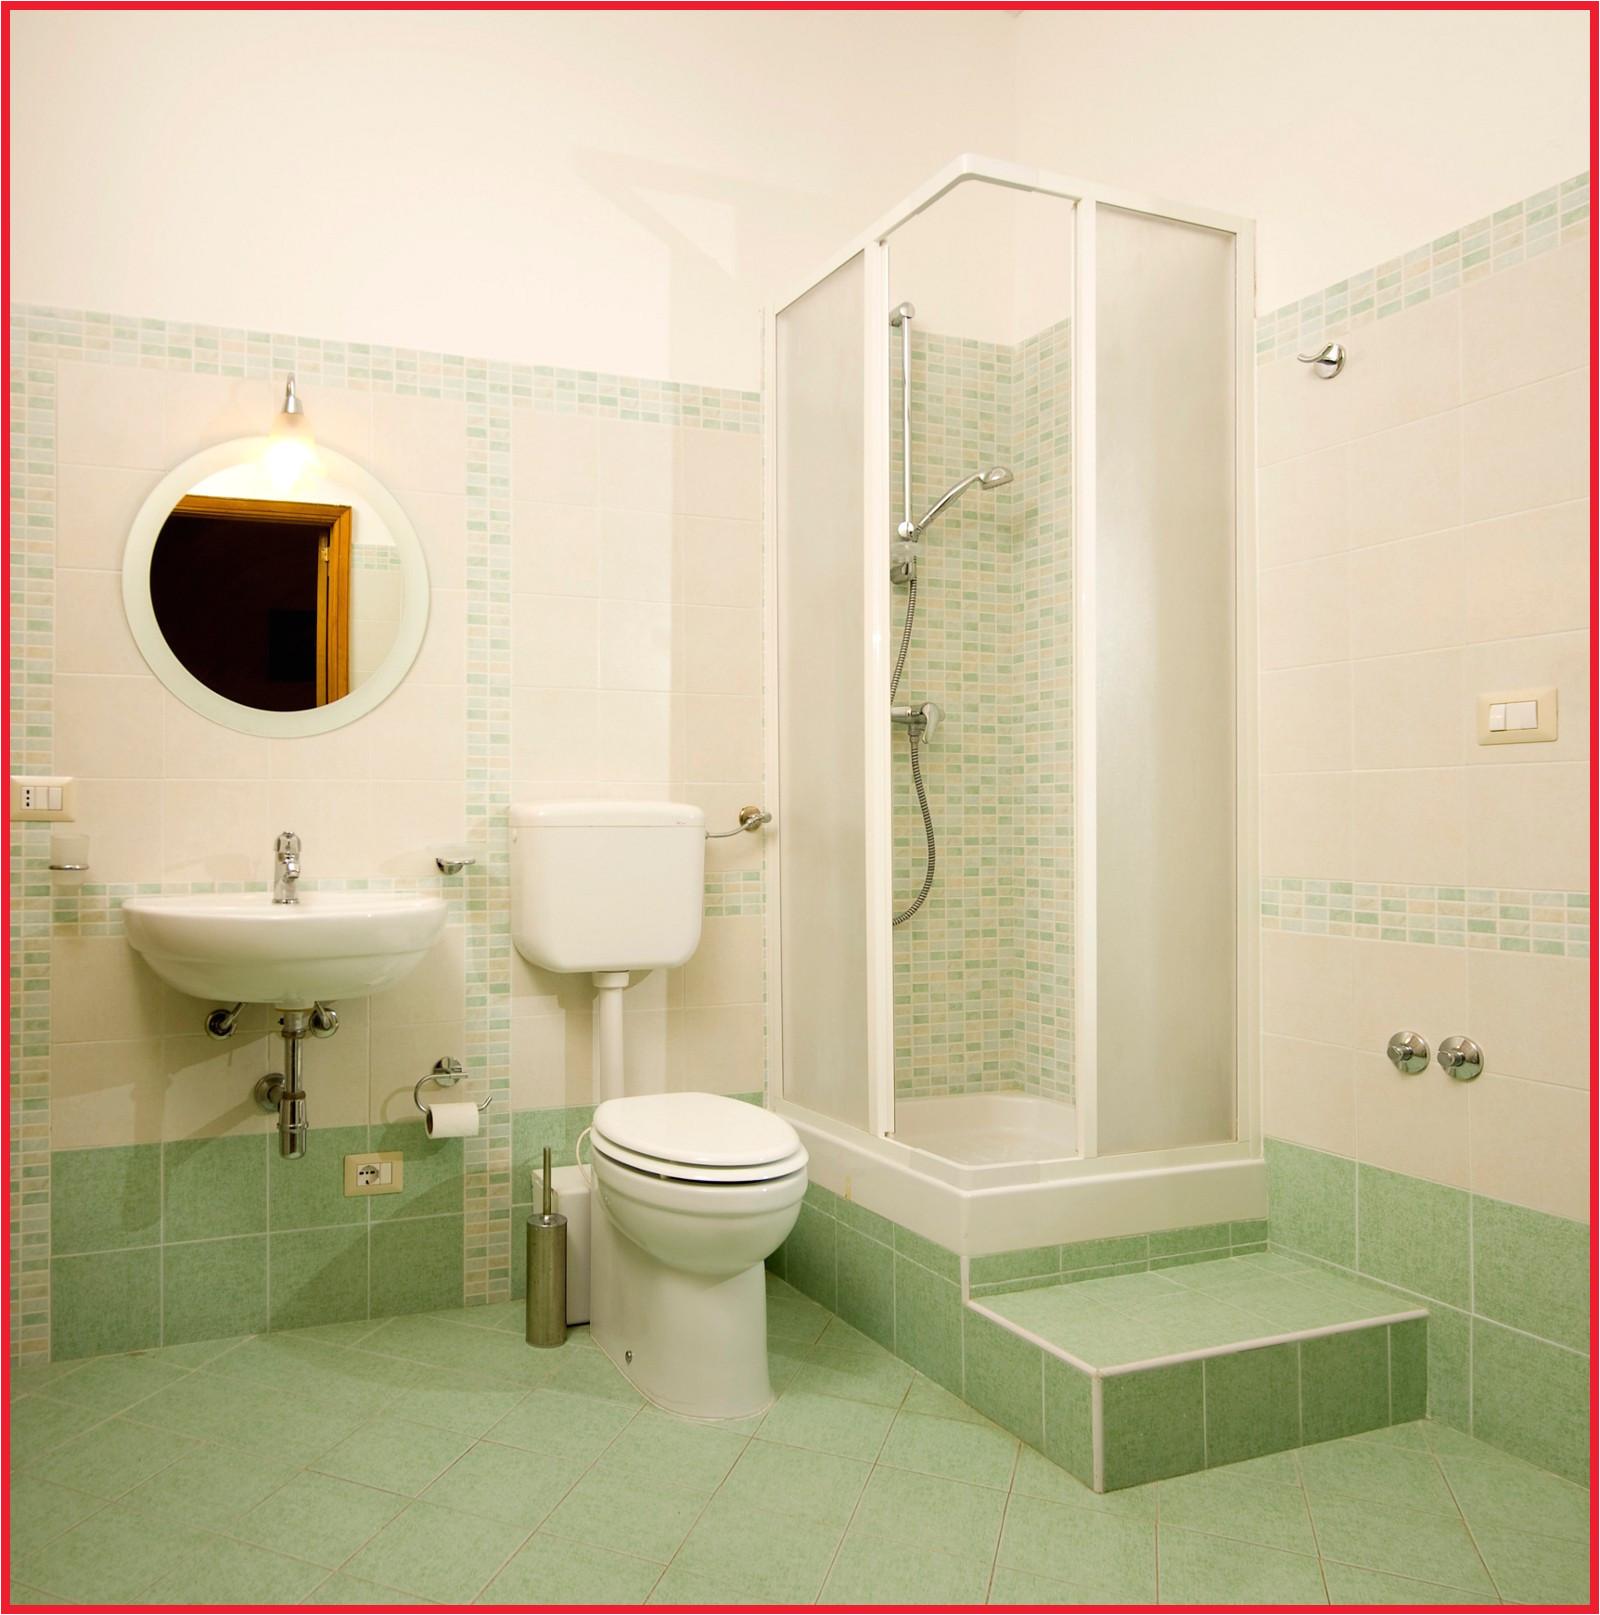 Fotos de ba os peque os lindos bonito azulejos para baa os - Imagenes banos ...